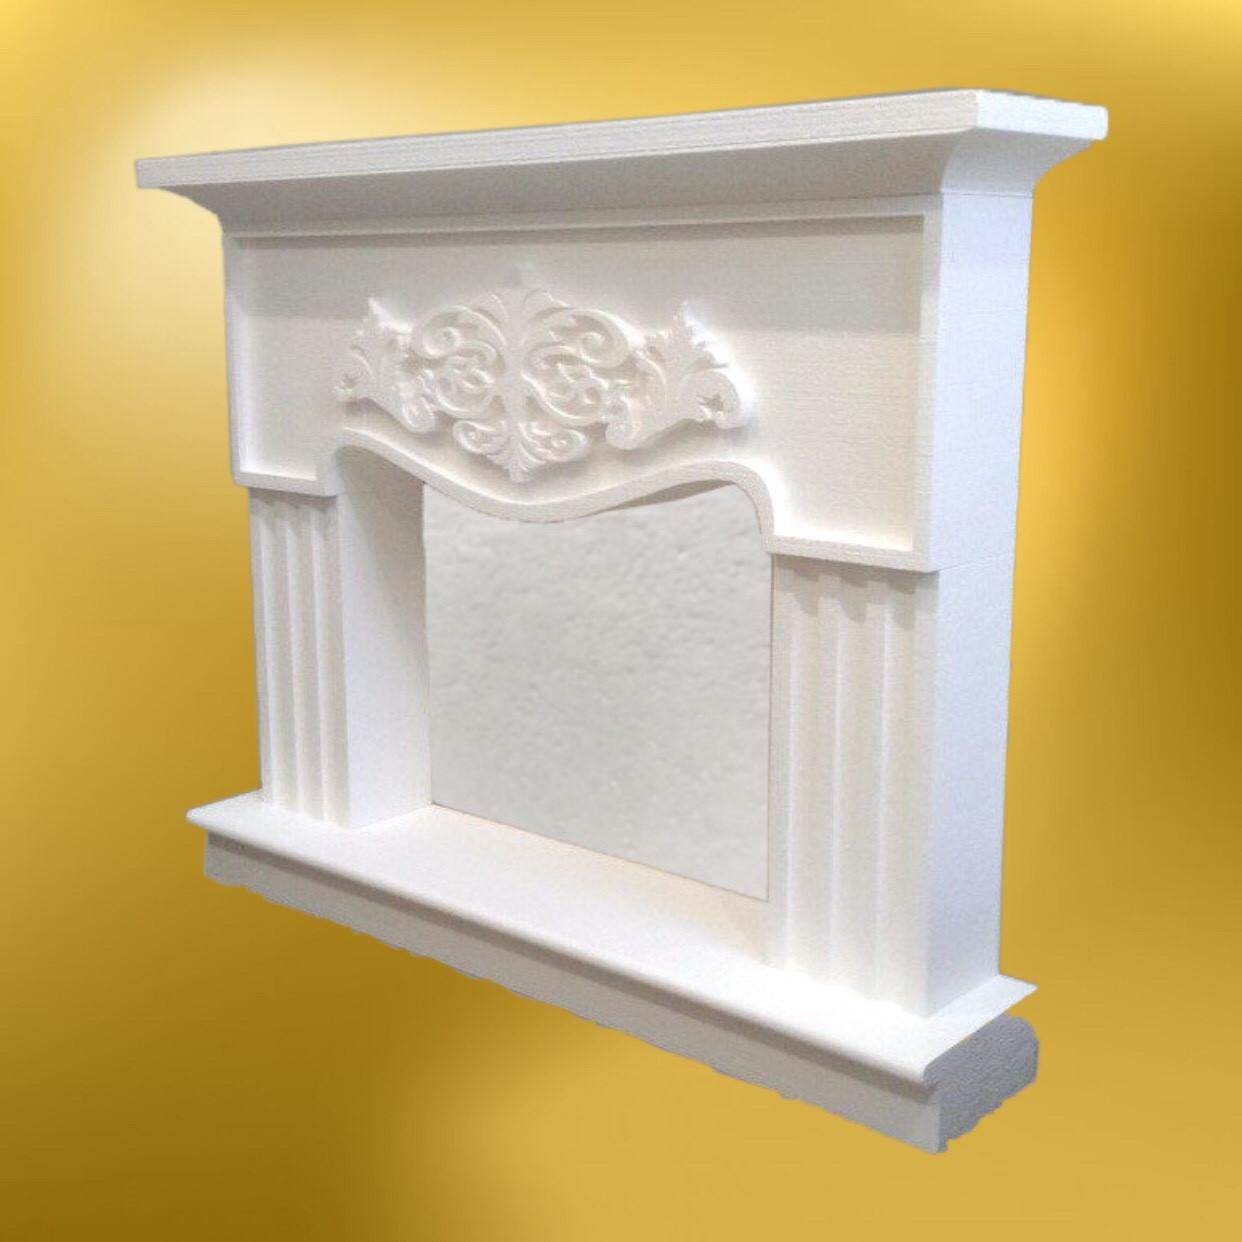 Искусственный камин (фальшь камин) LNK